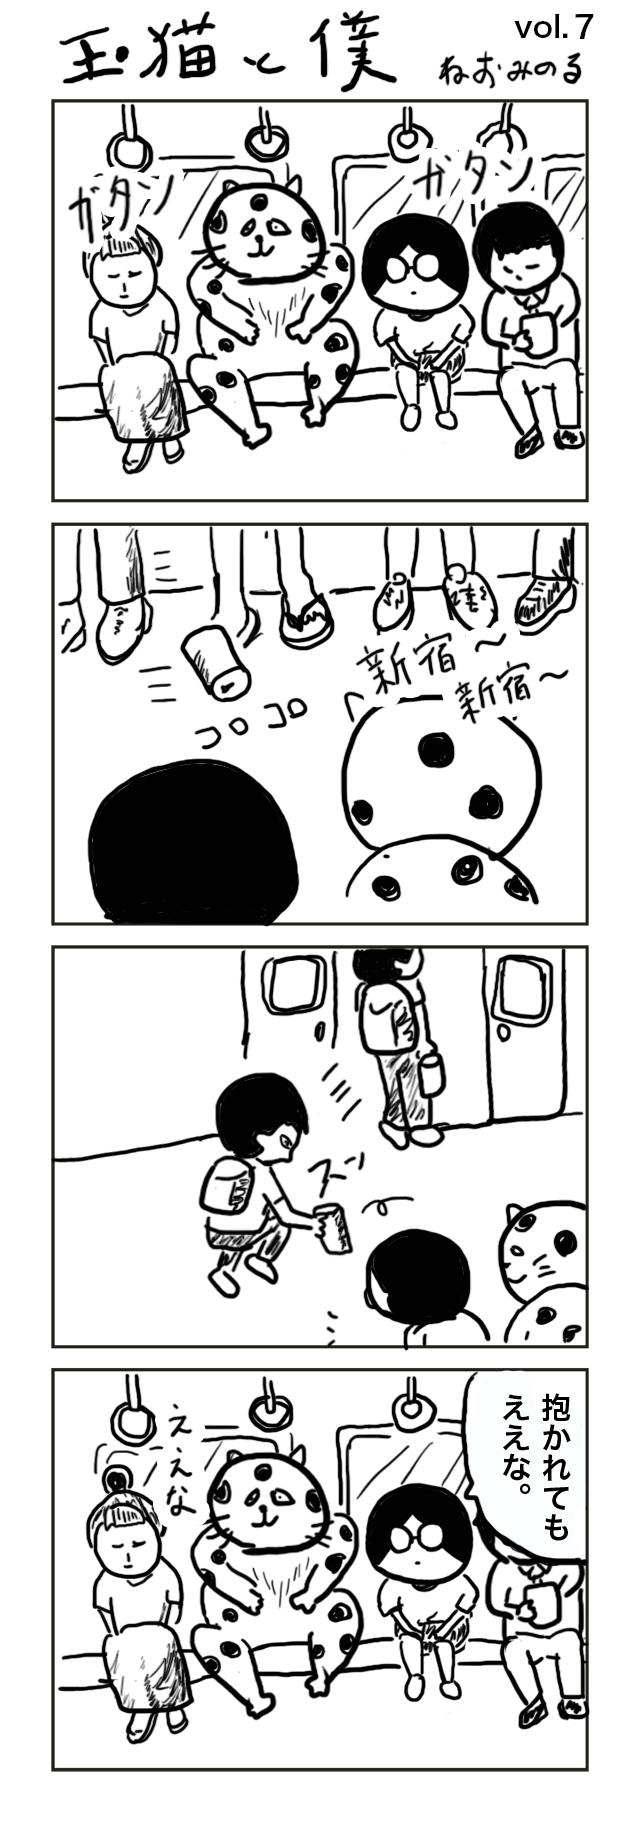 第七話_ゴミ捨て